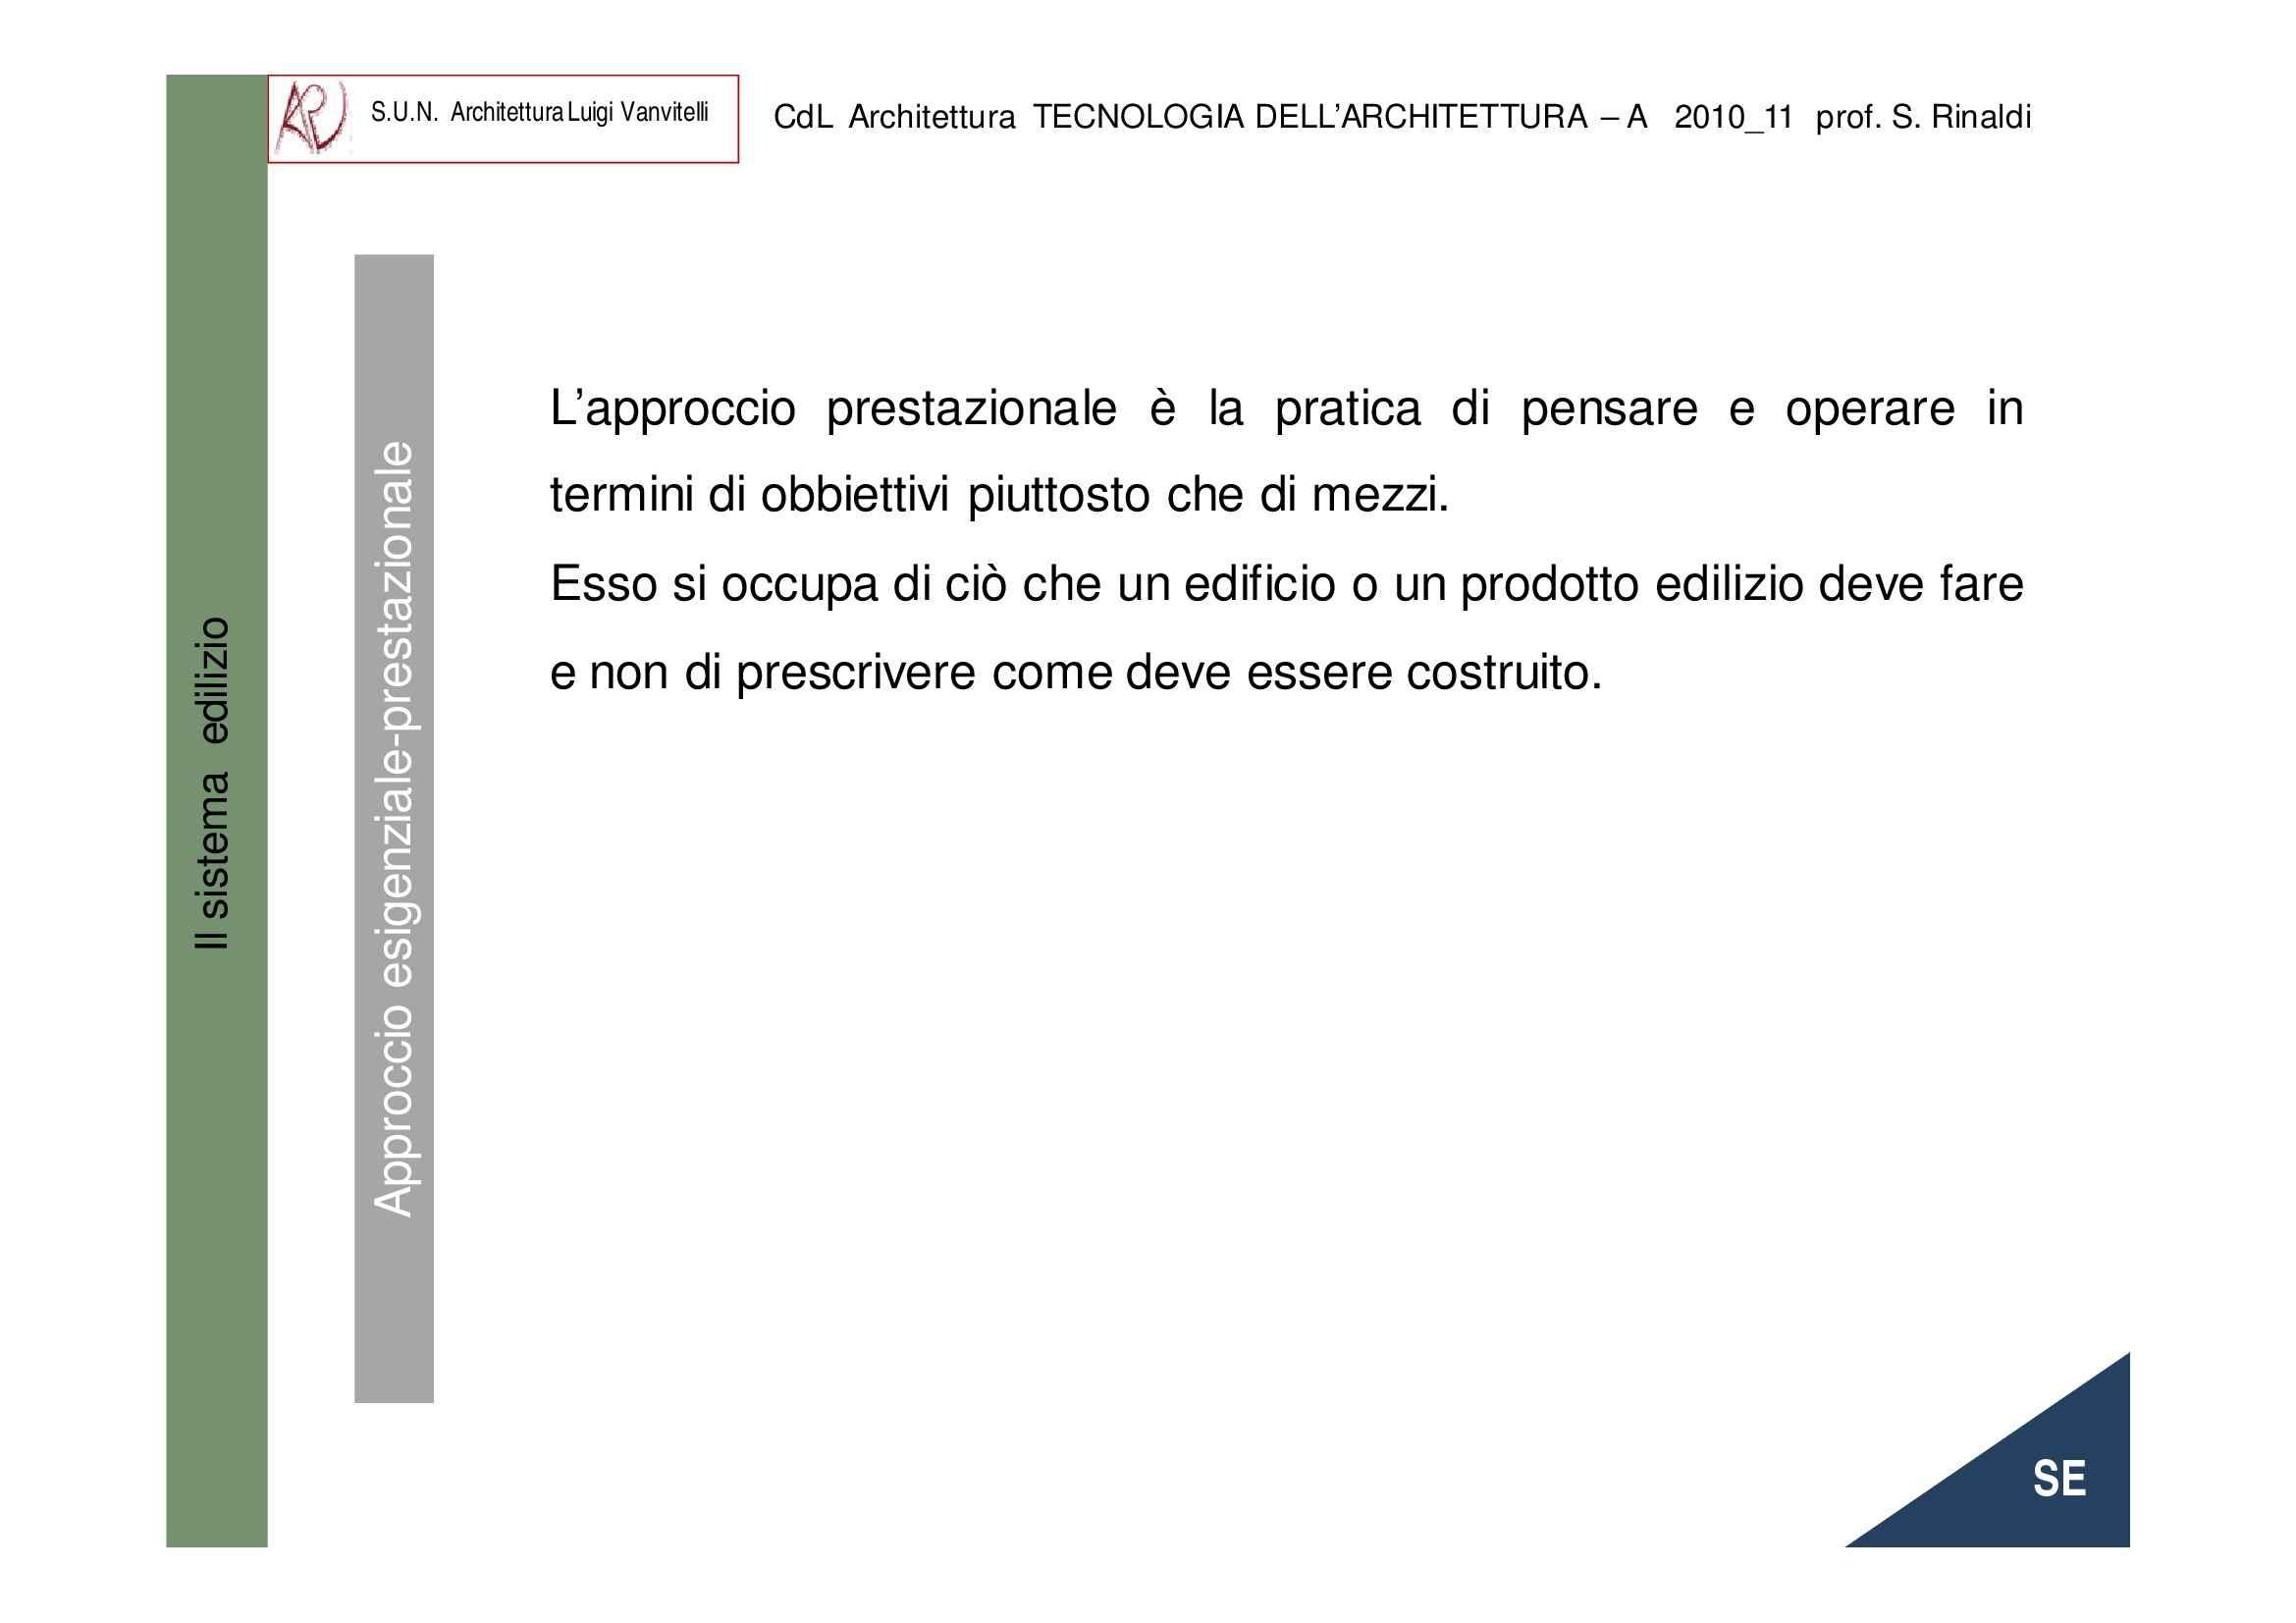 Sistema edilizio -  Approccio esigenziale-prestazionale